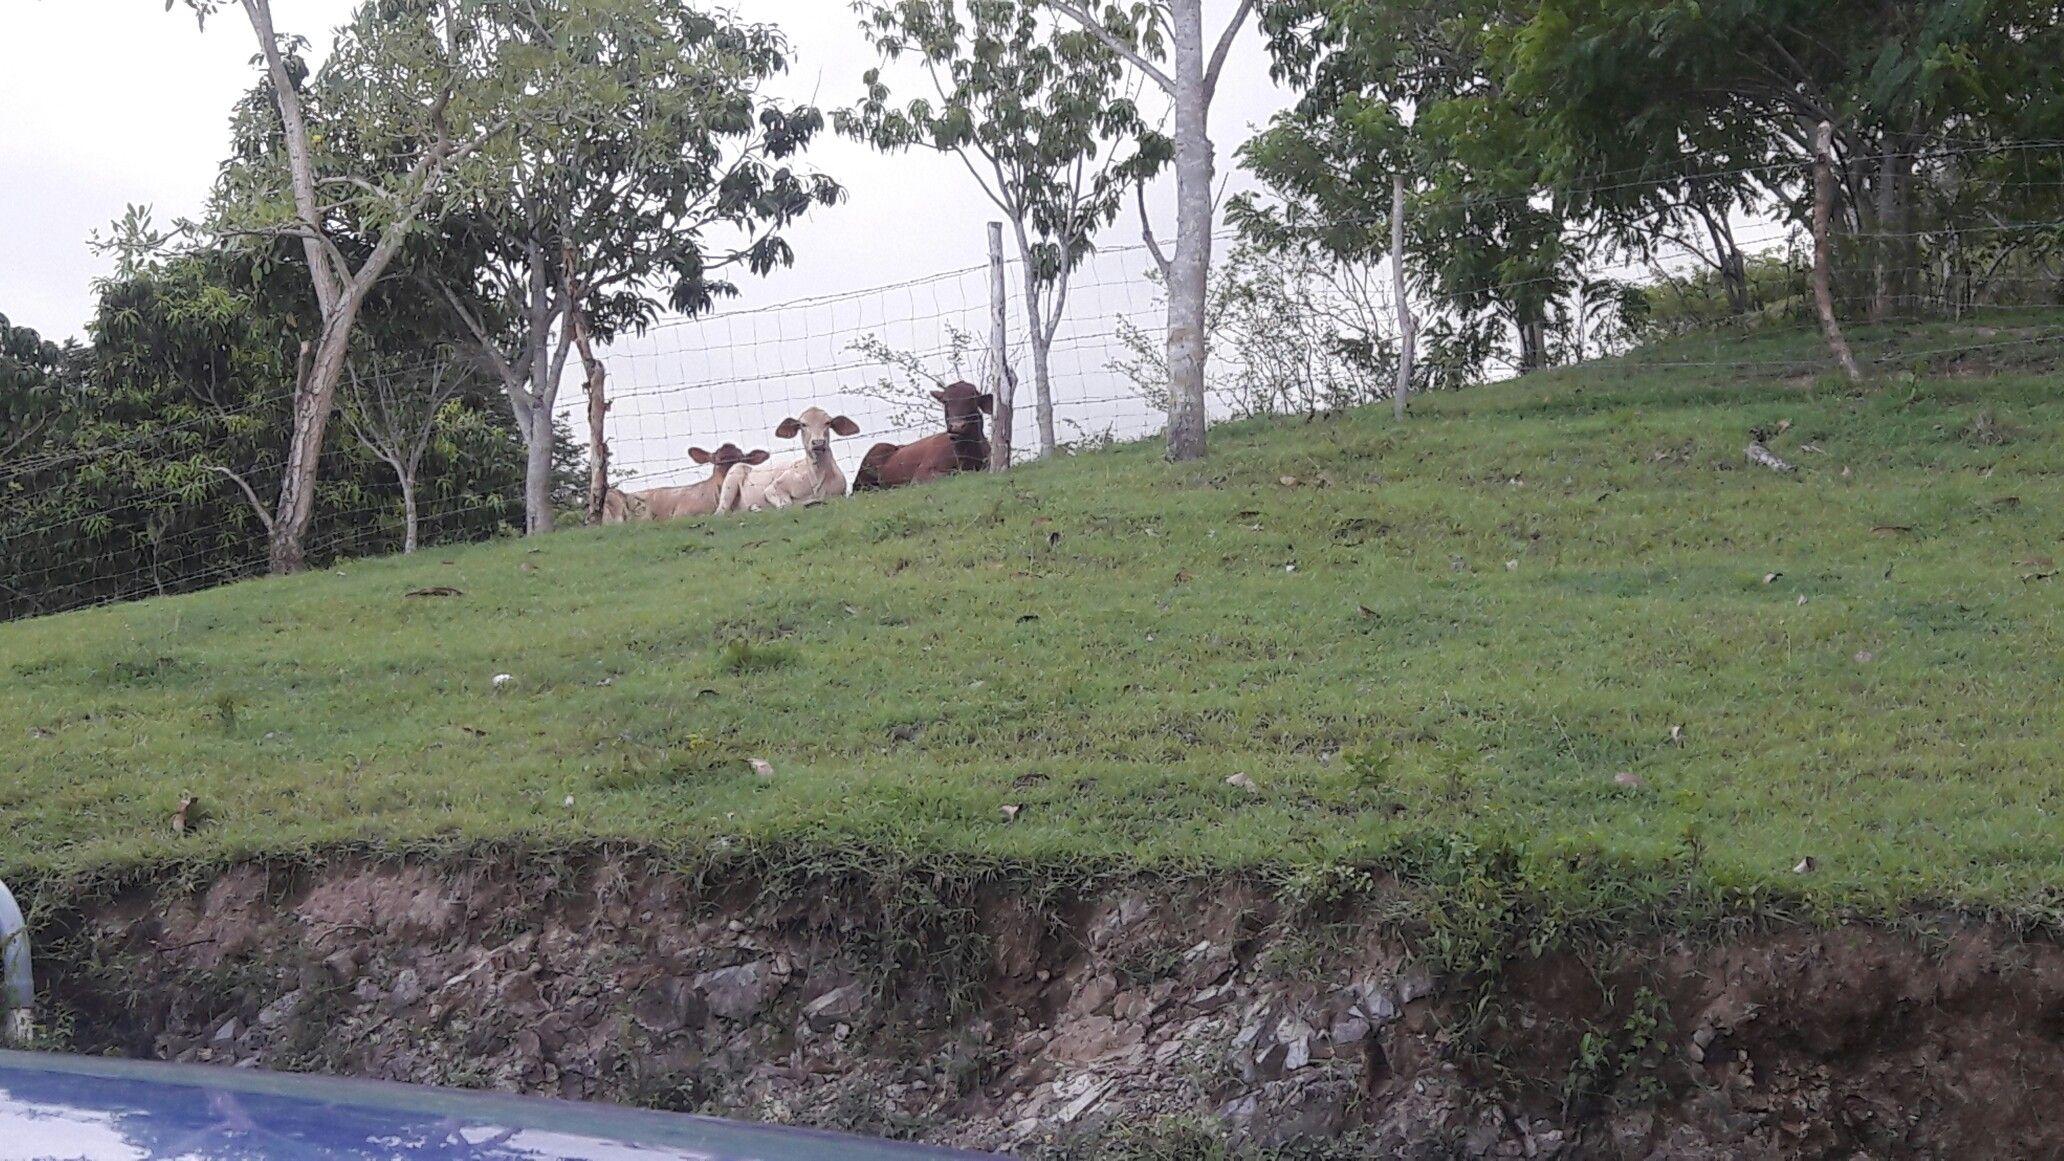 The pretty cows 🐮muuu!!!